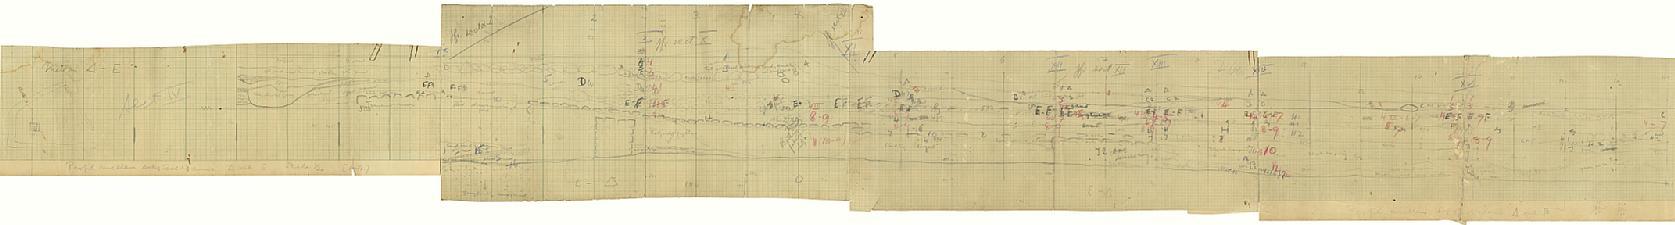 Fältritning. Sektion IV. Profil mellan D och E. Skala 1-20. Sammansatt bild - SMVK - 15895D.tif